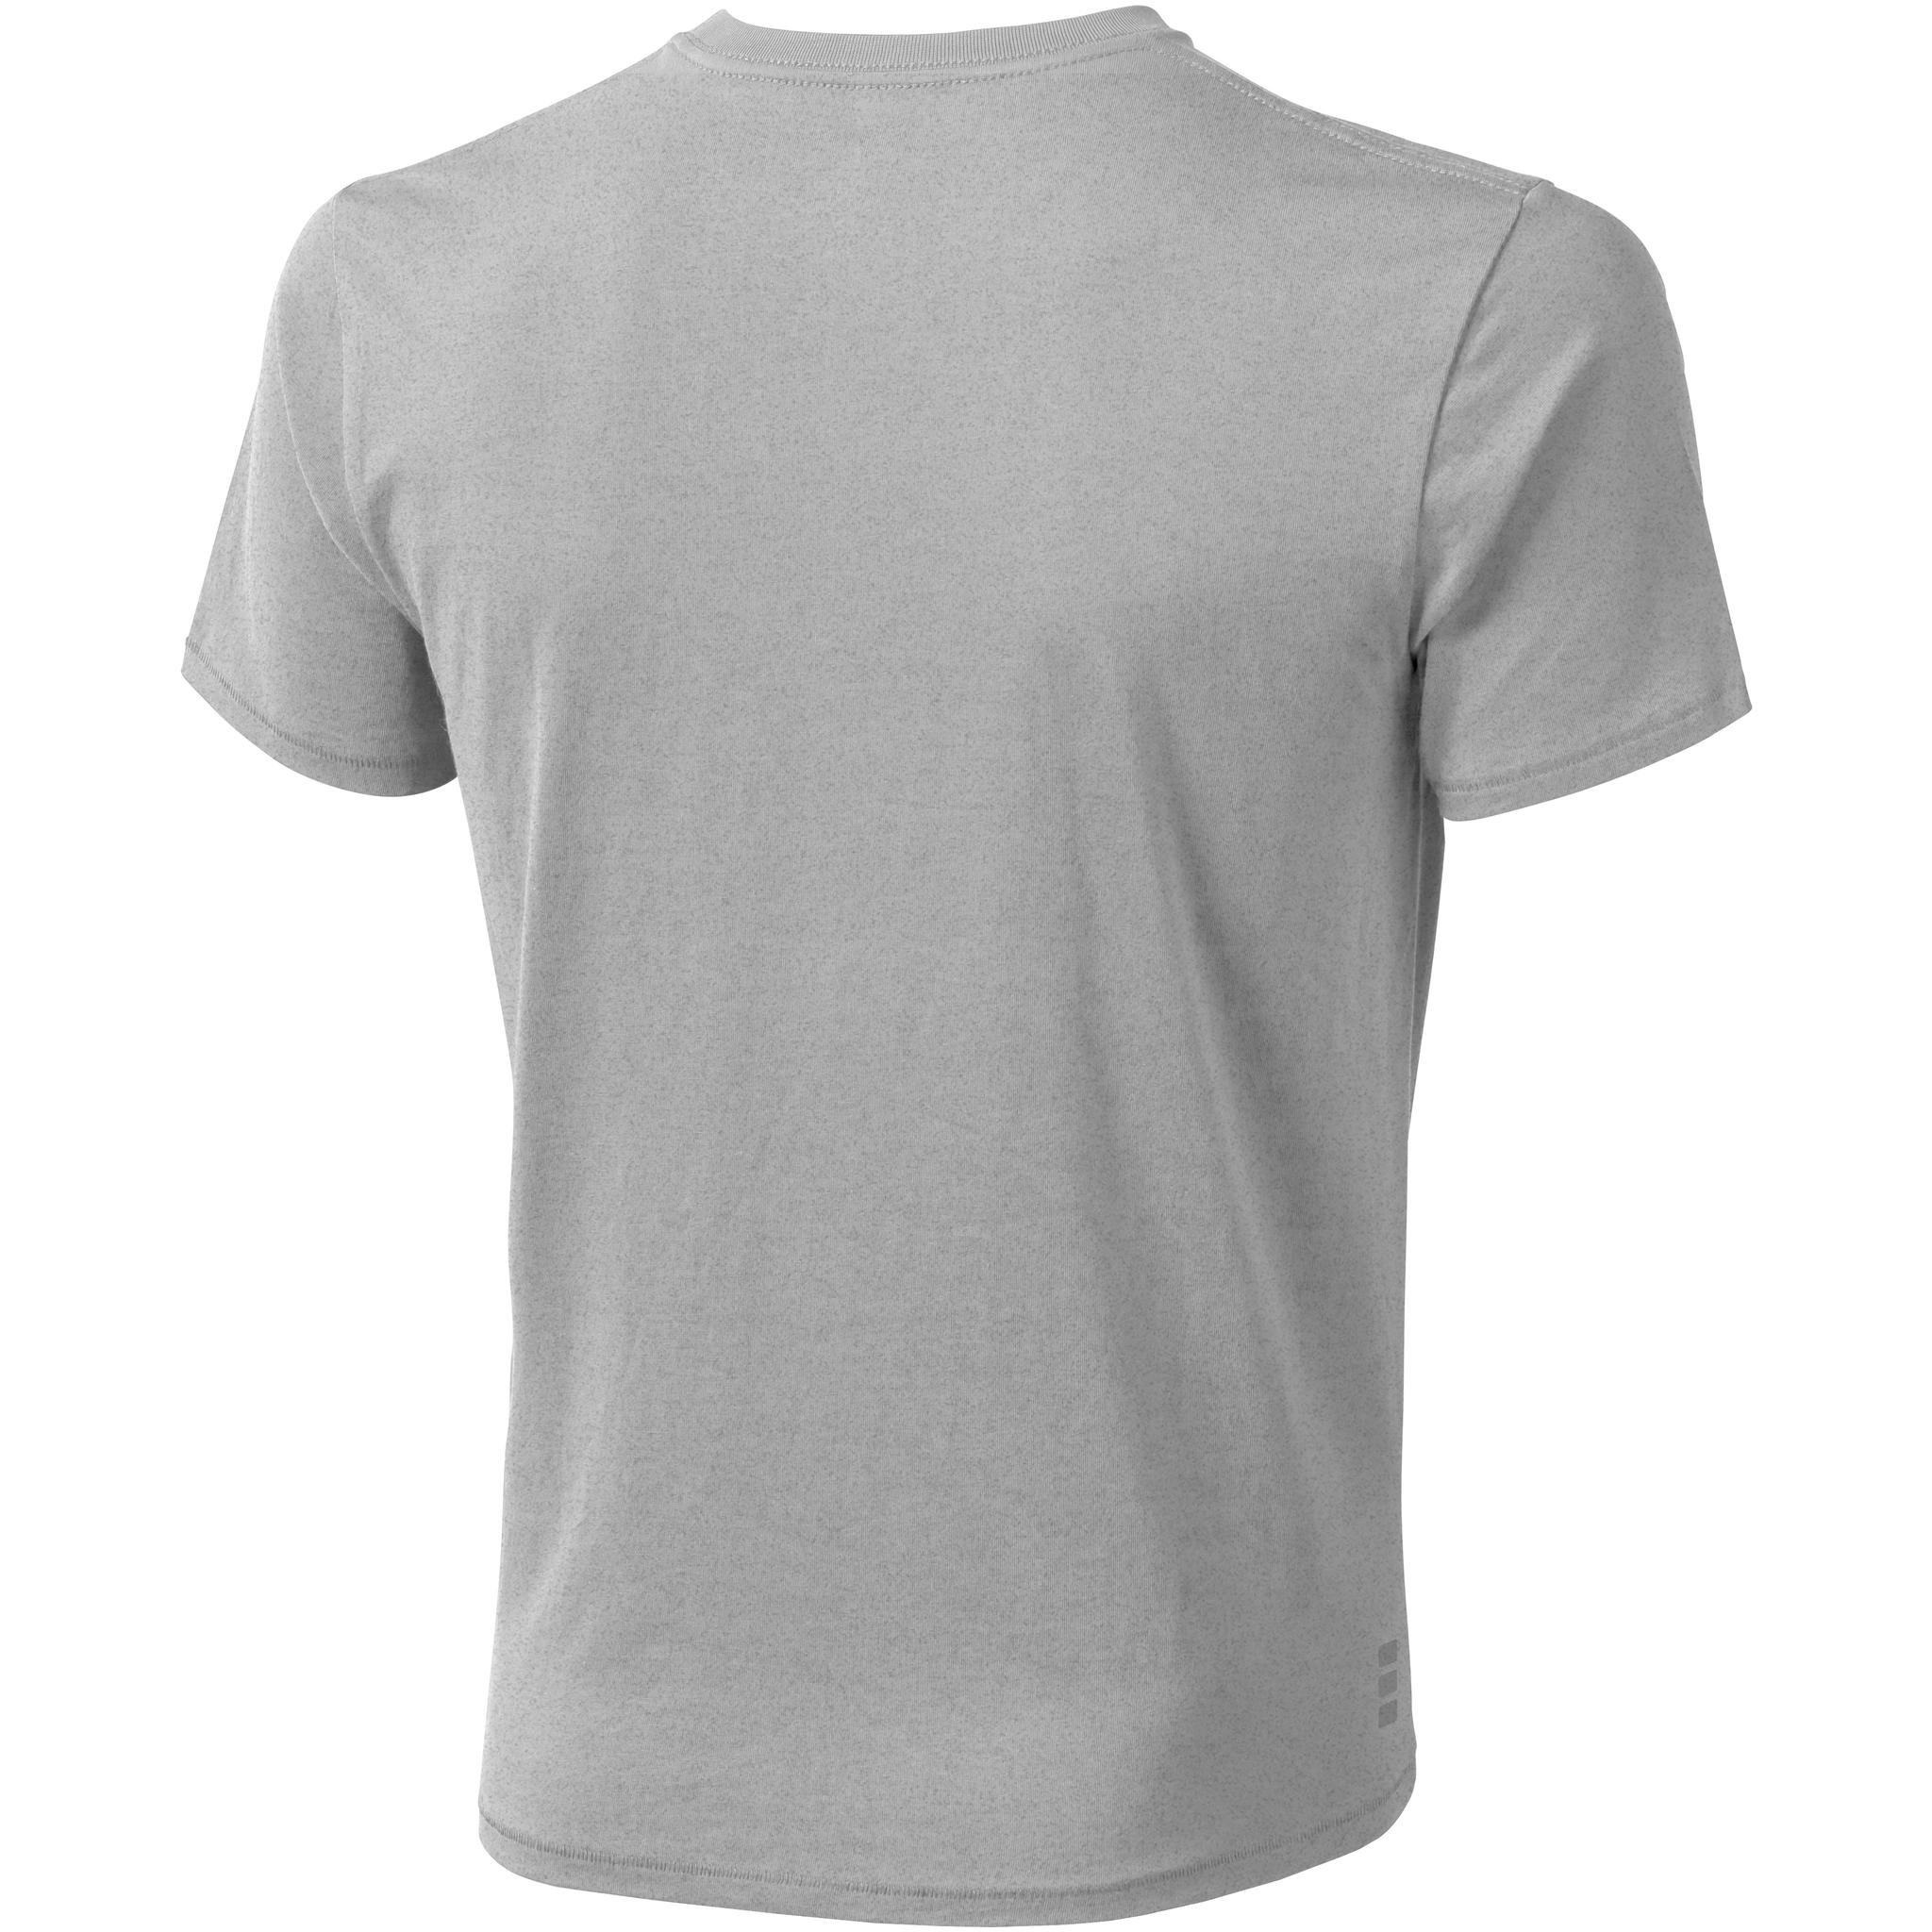 Elevate-Mens-Nanaimo-Short-Sleeve-T-Shirt-PF1807 thumbnail 56